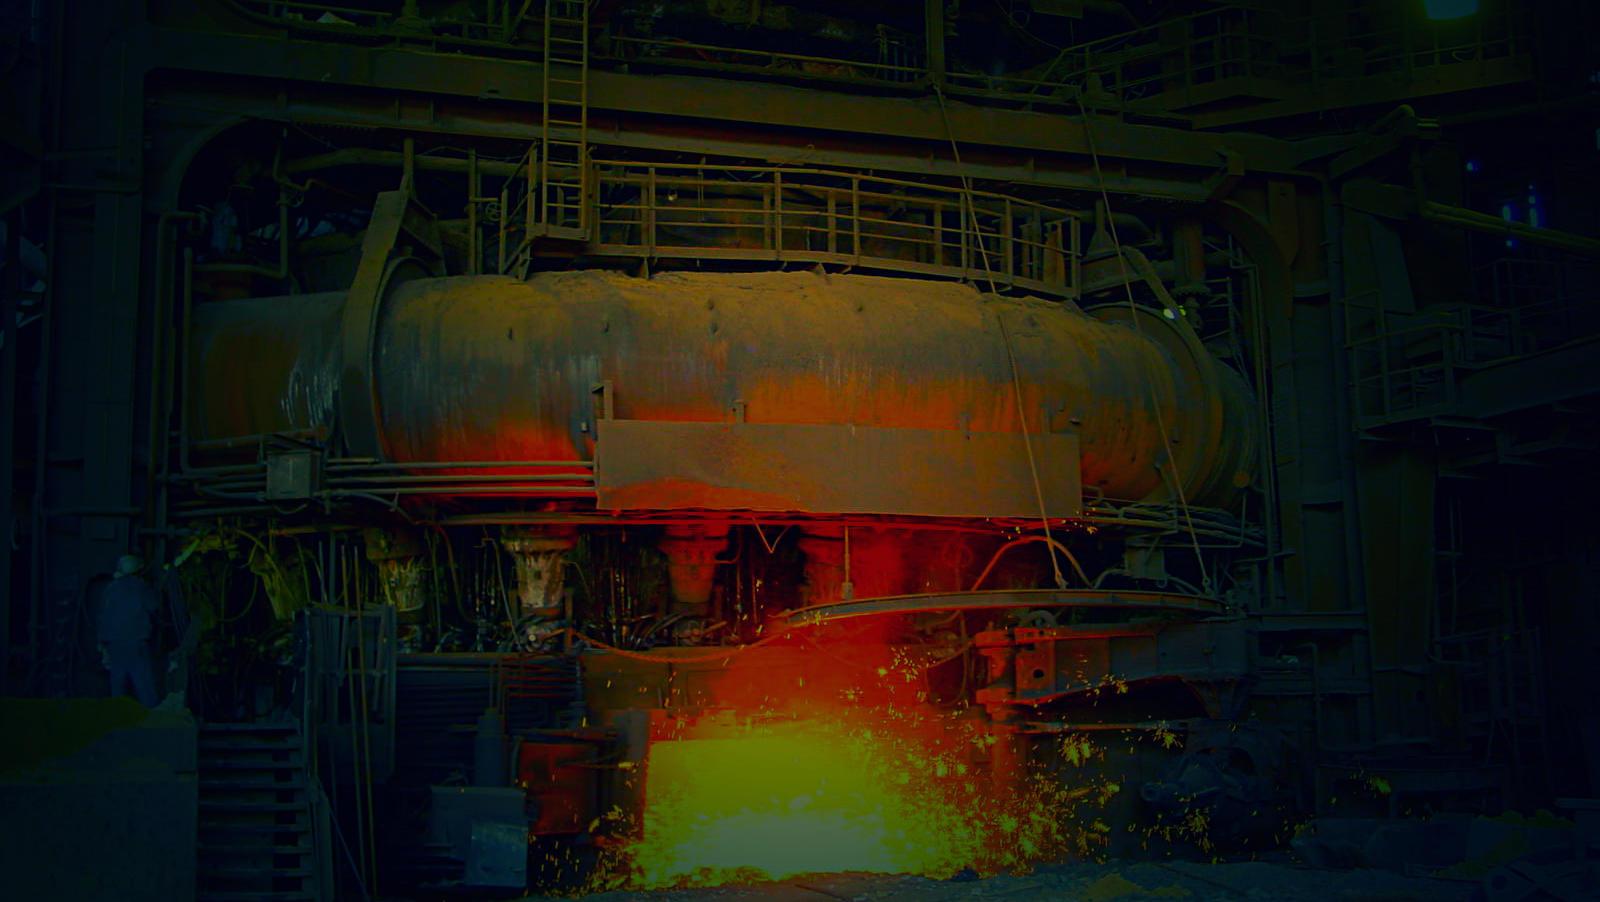 Levoxx_steel_making_1_Fotor-Kopie-2